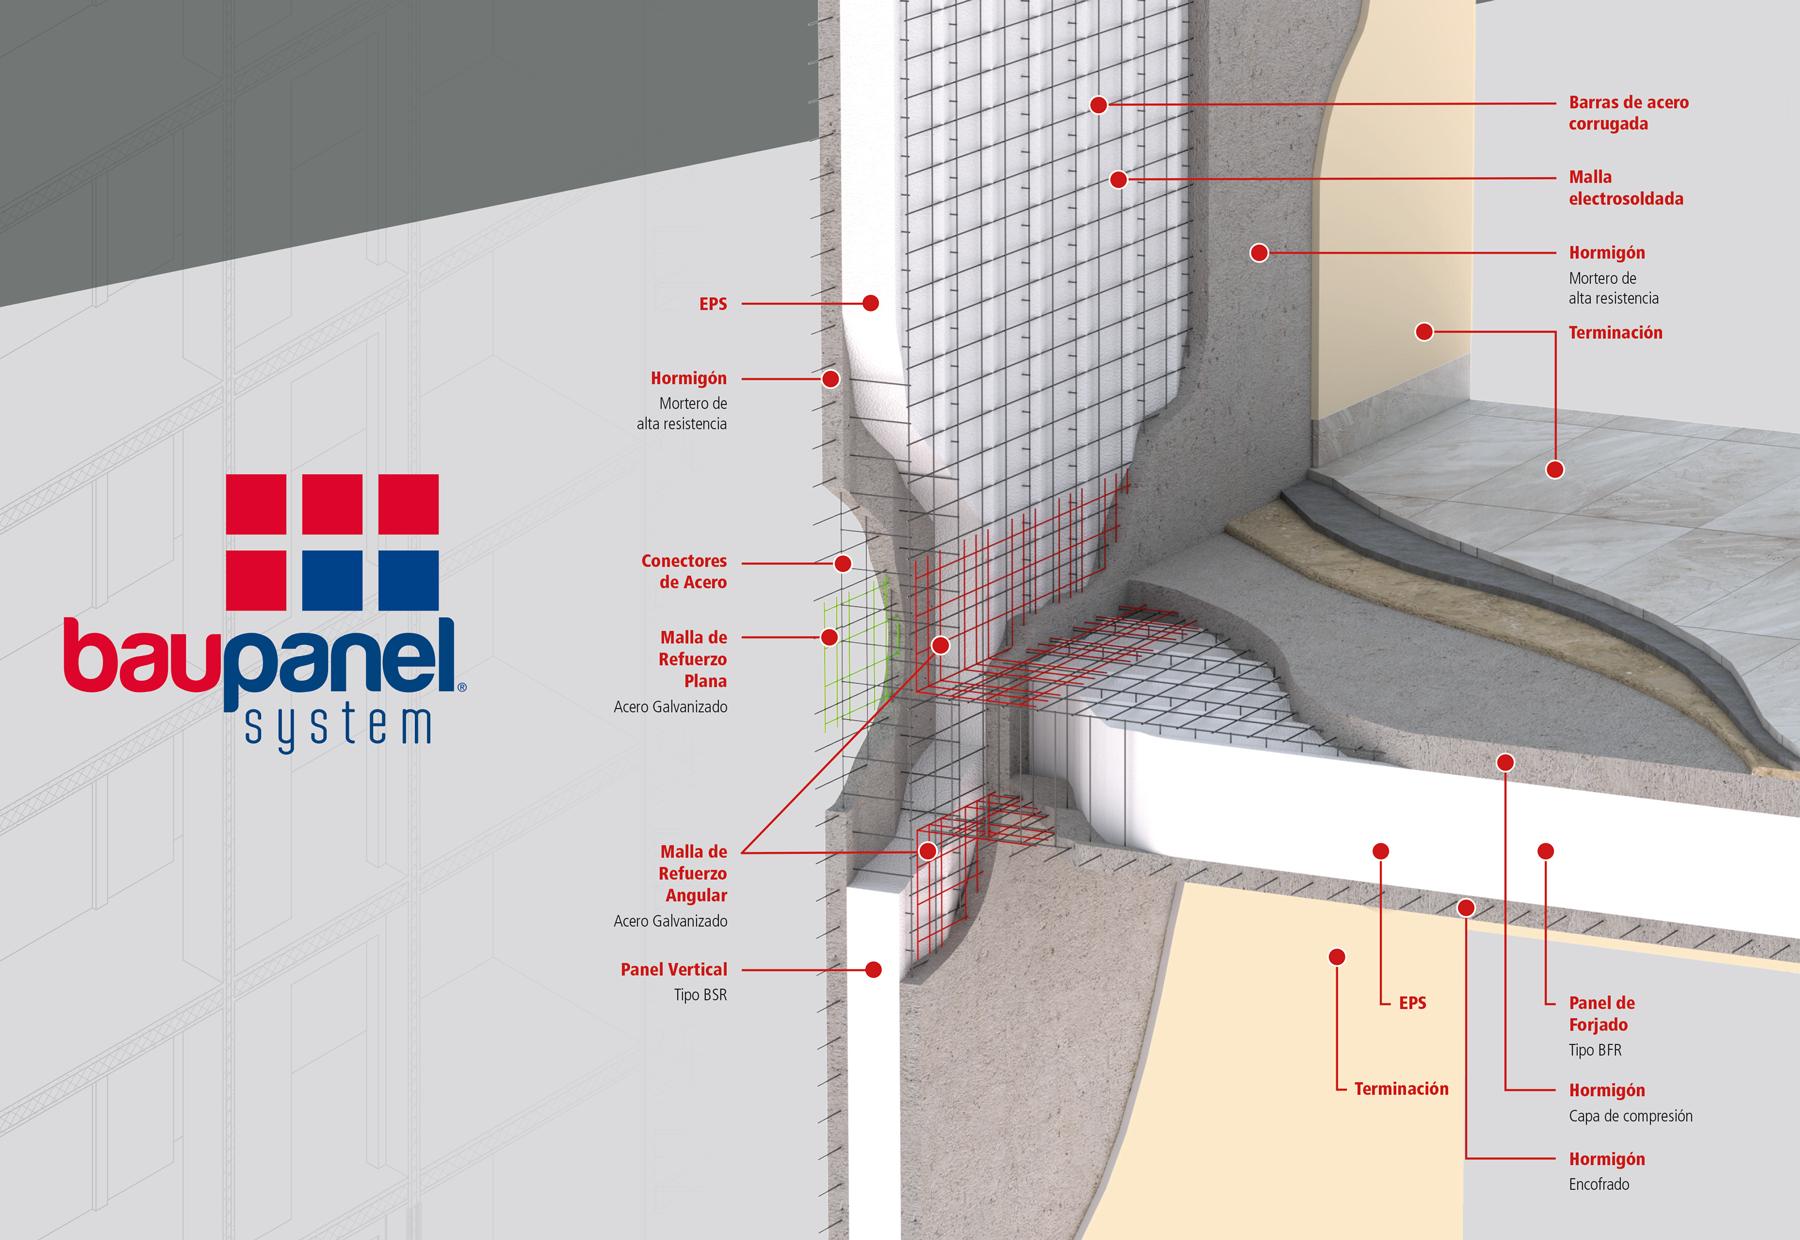 Paneles de hormigón armado con núcleo de eps para la construir una casa de forma rápida y eficiente, con calificación energética A